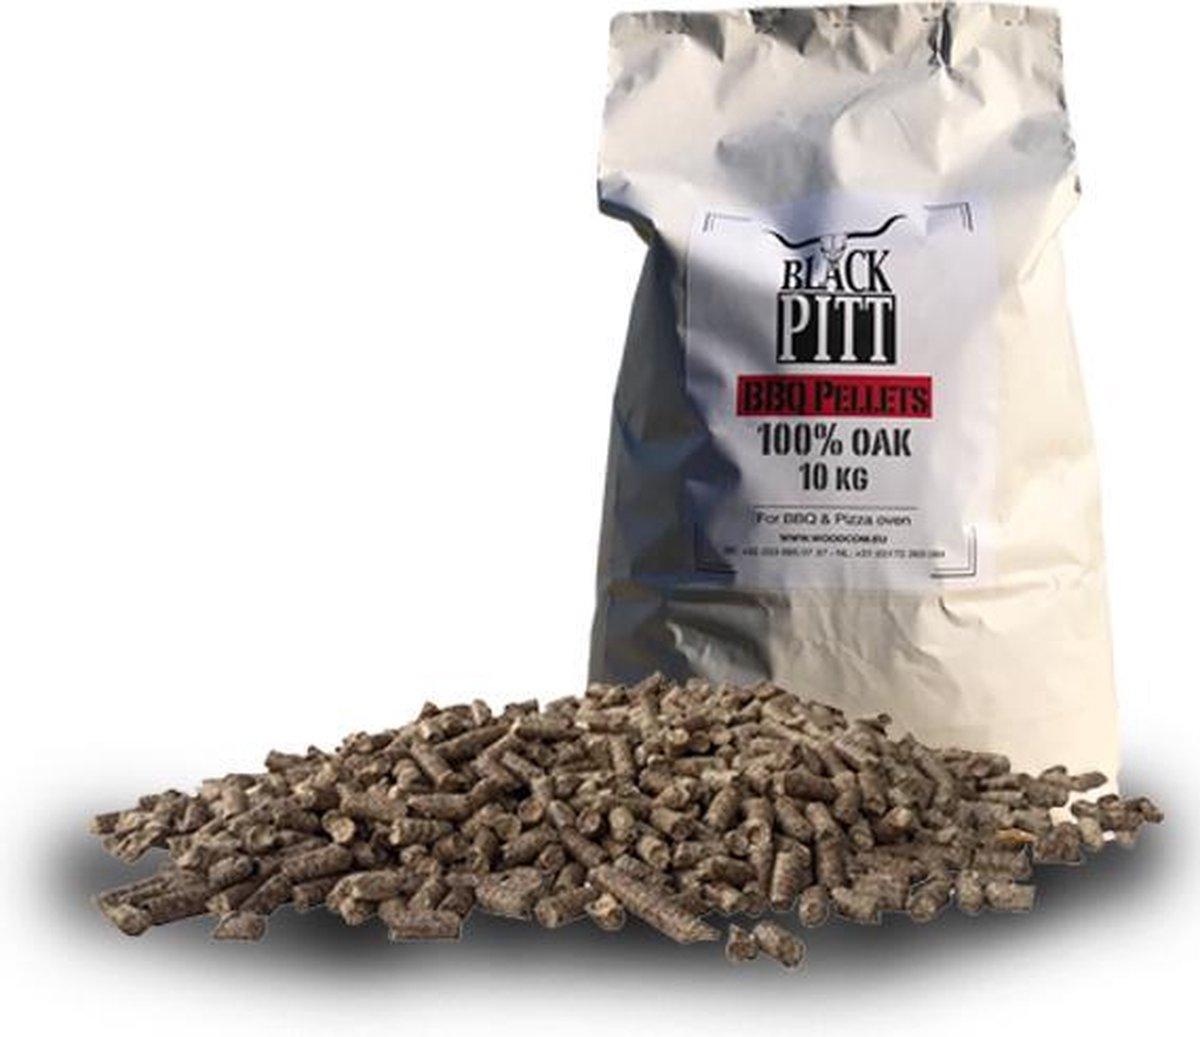 Black Pitt BBQ pellets - 100% Eik (10Kg)